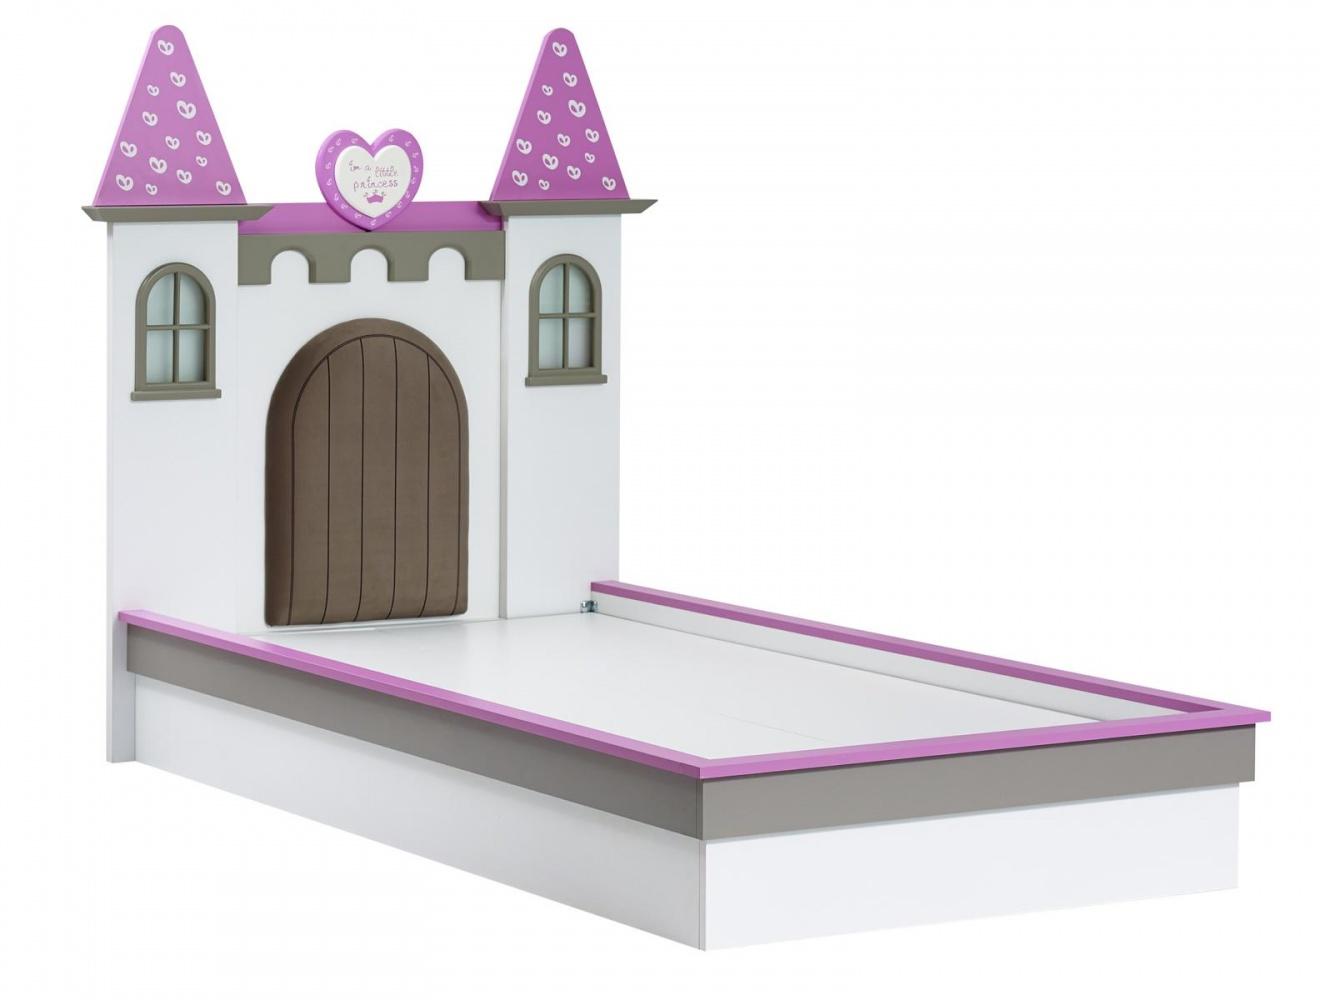 Full Size of Kinderbett Mädchen 5de70729f0af1 Bett Betten Wohnzimmer Kinderbett Mädchen